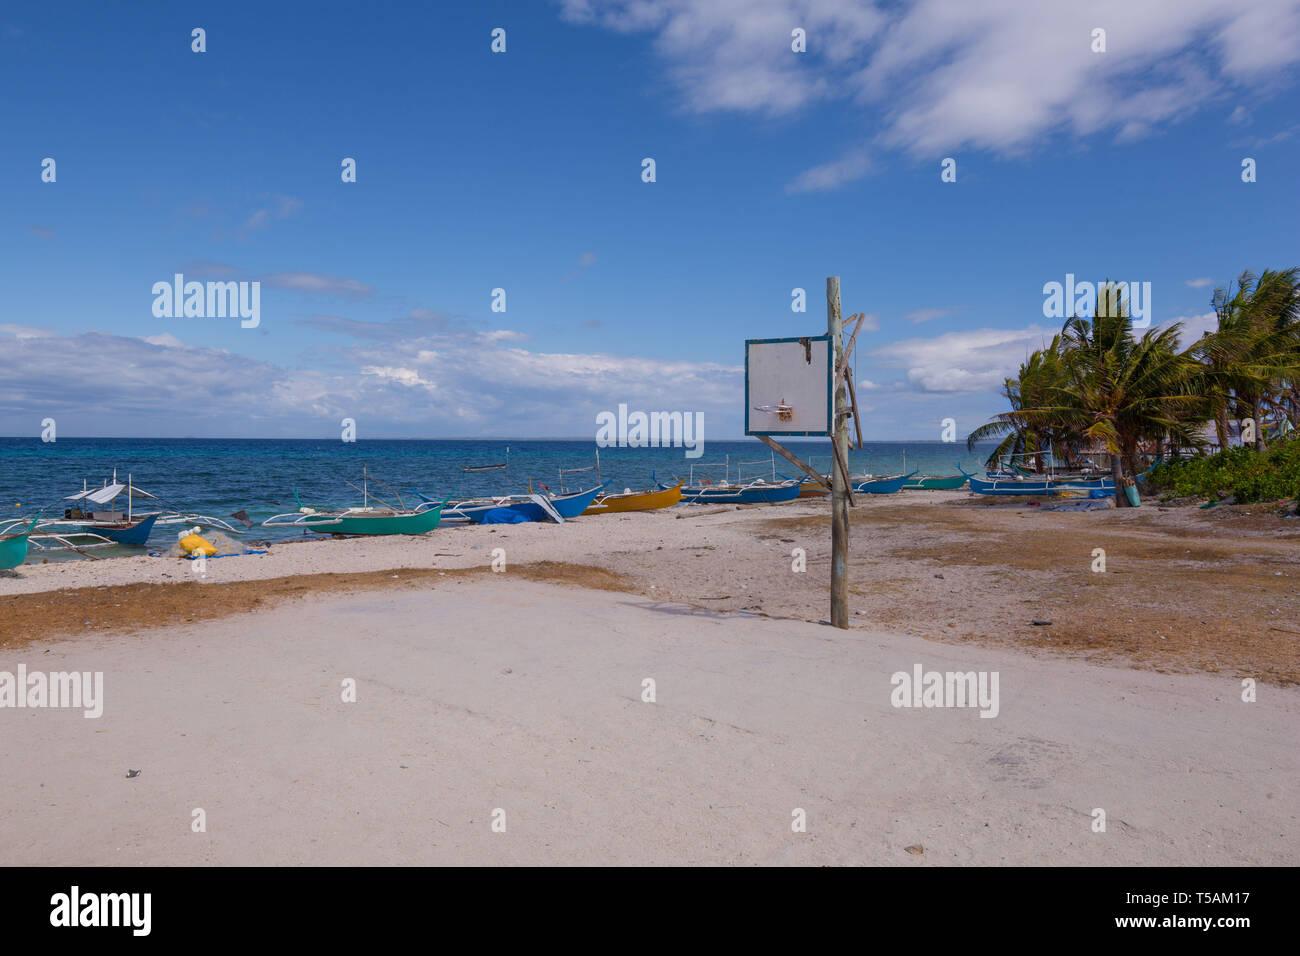 Un ciment simple terrain de basket-ball à la plage de sable blanc avec des bateaux, une simple scène de la vie rurale Photo Stock